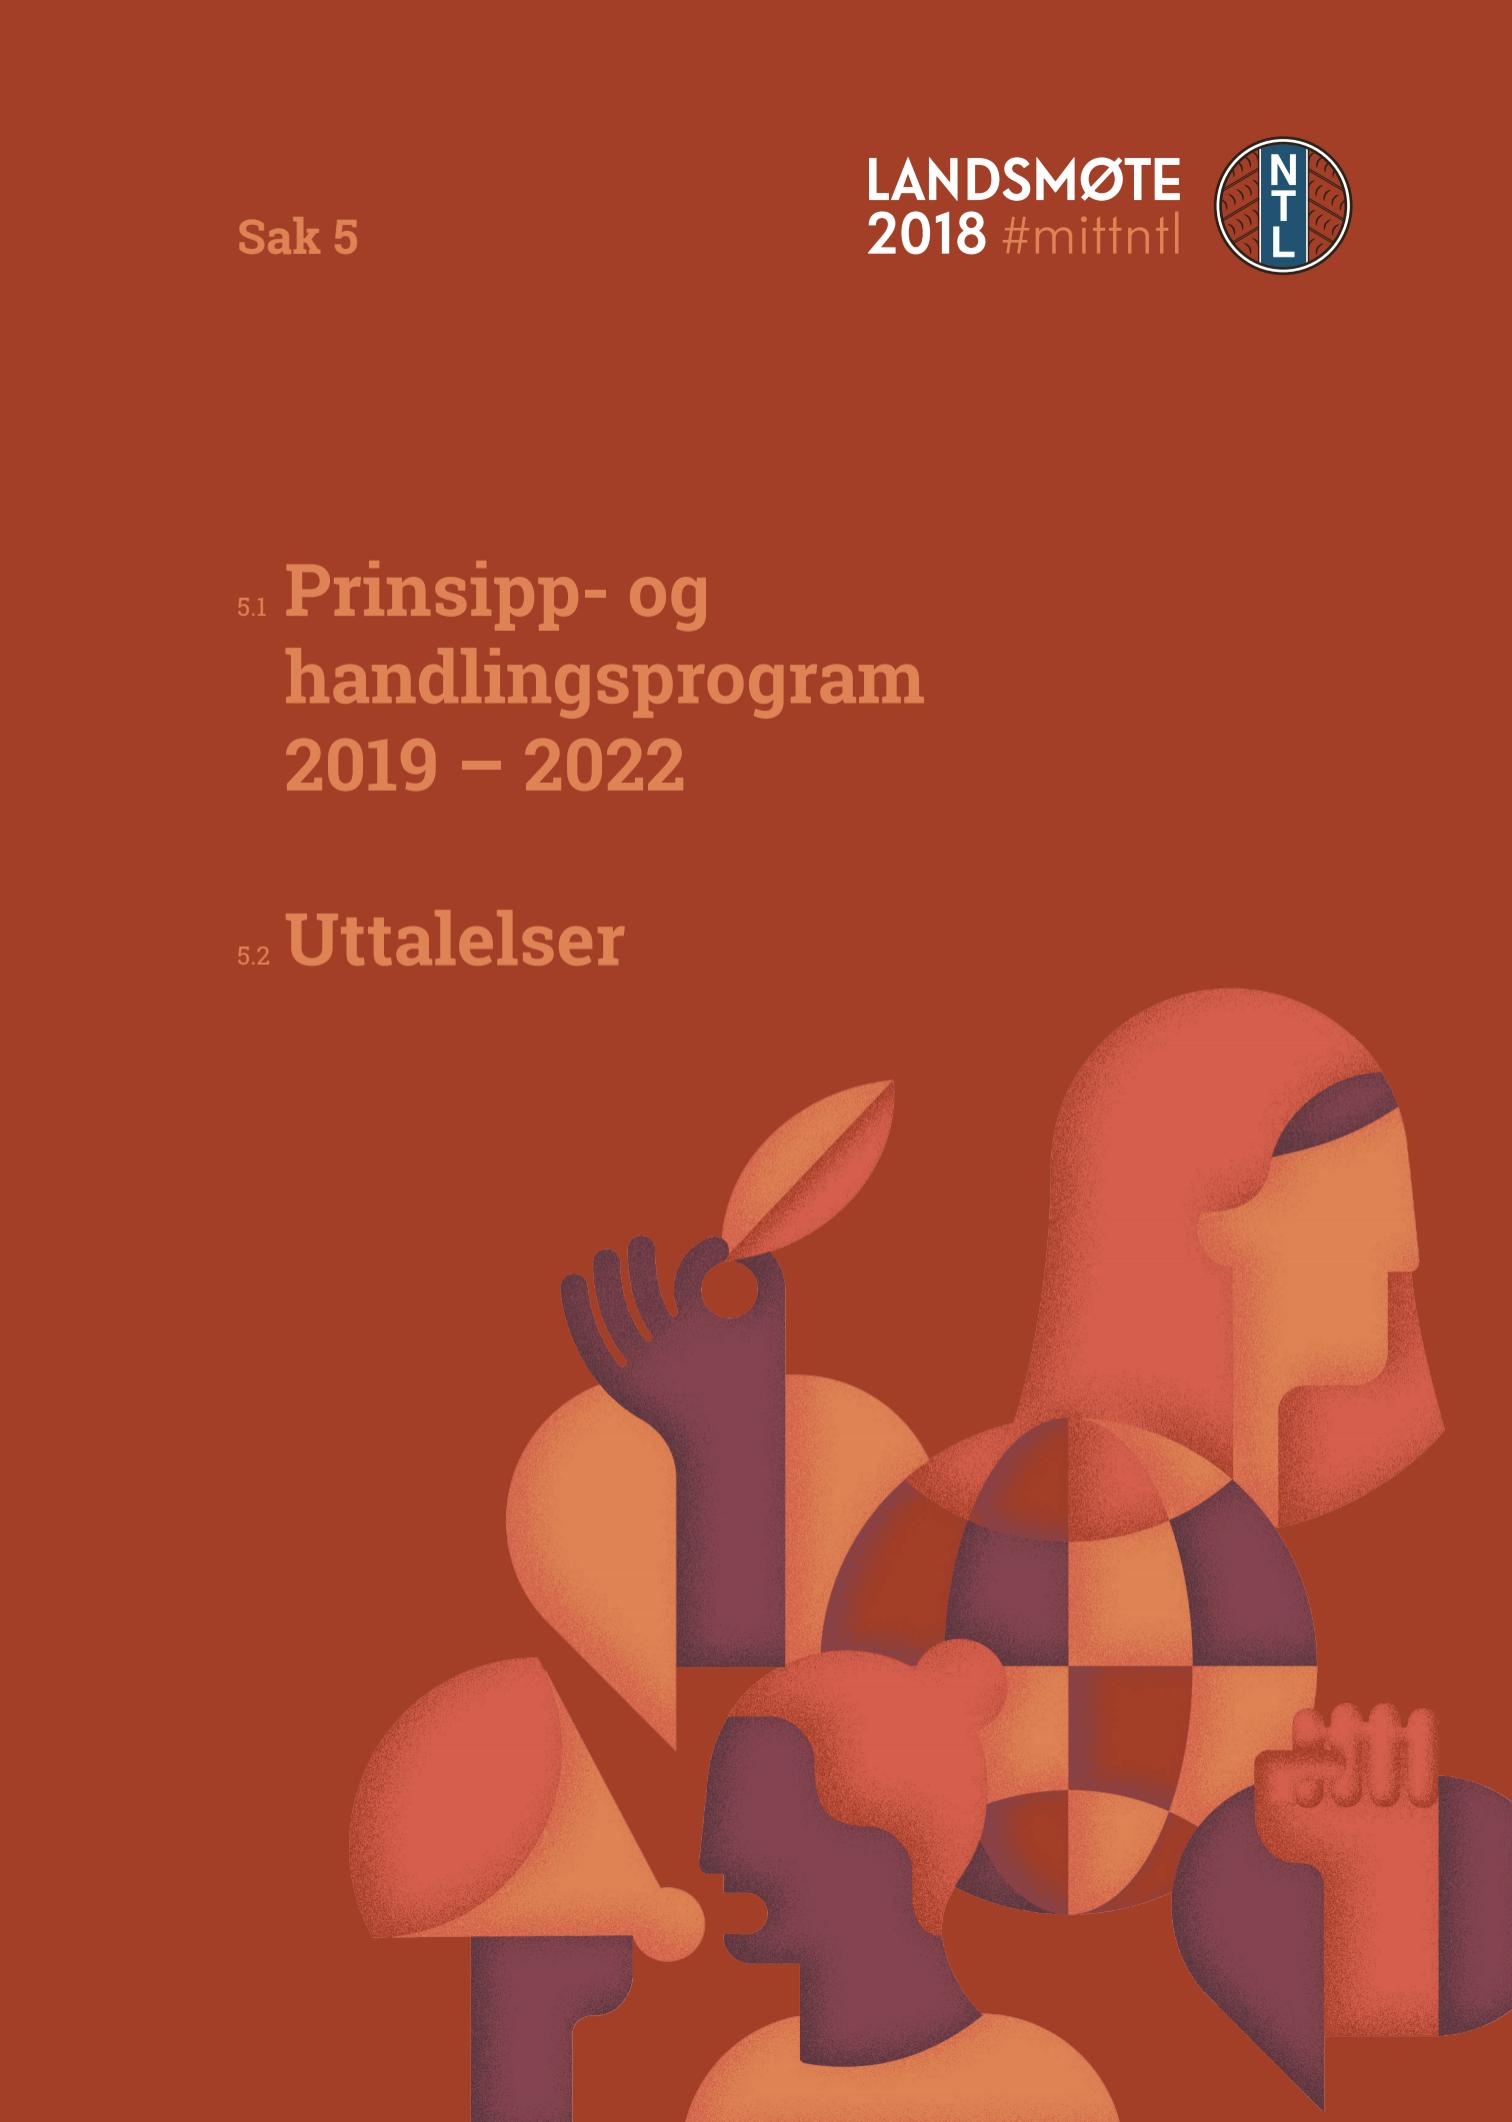 Prinsipp og handlingsprogram 2019-2022 herunder uttalelser - Last ned:5.1 Prinsipp- og handlingsprogram5.2 Uttalelser